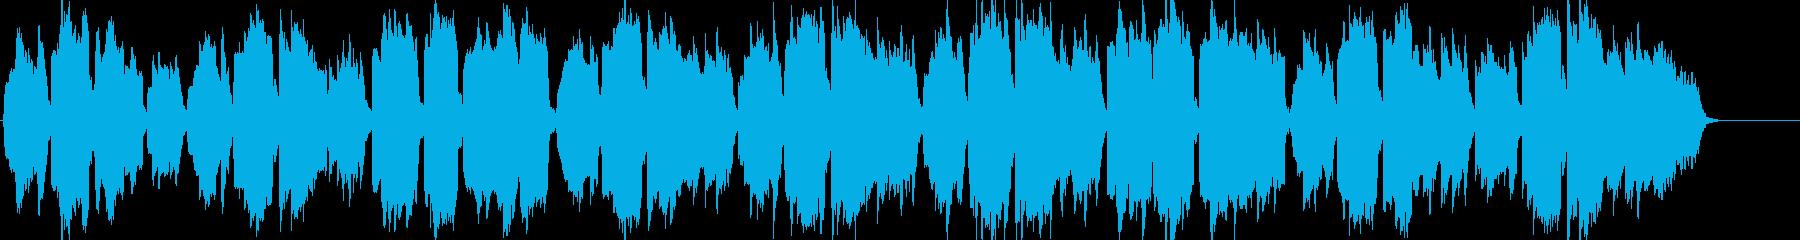 ケルトのホイッスルとハープのやわらかな曲の再生済みの波形